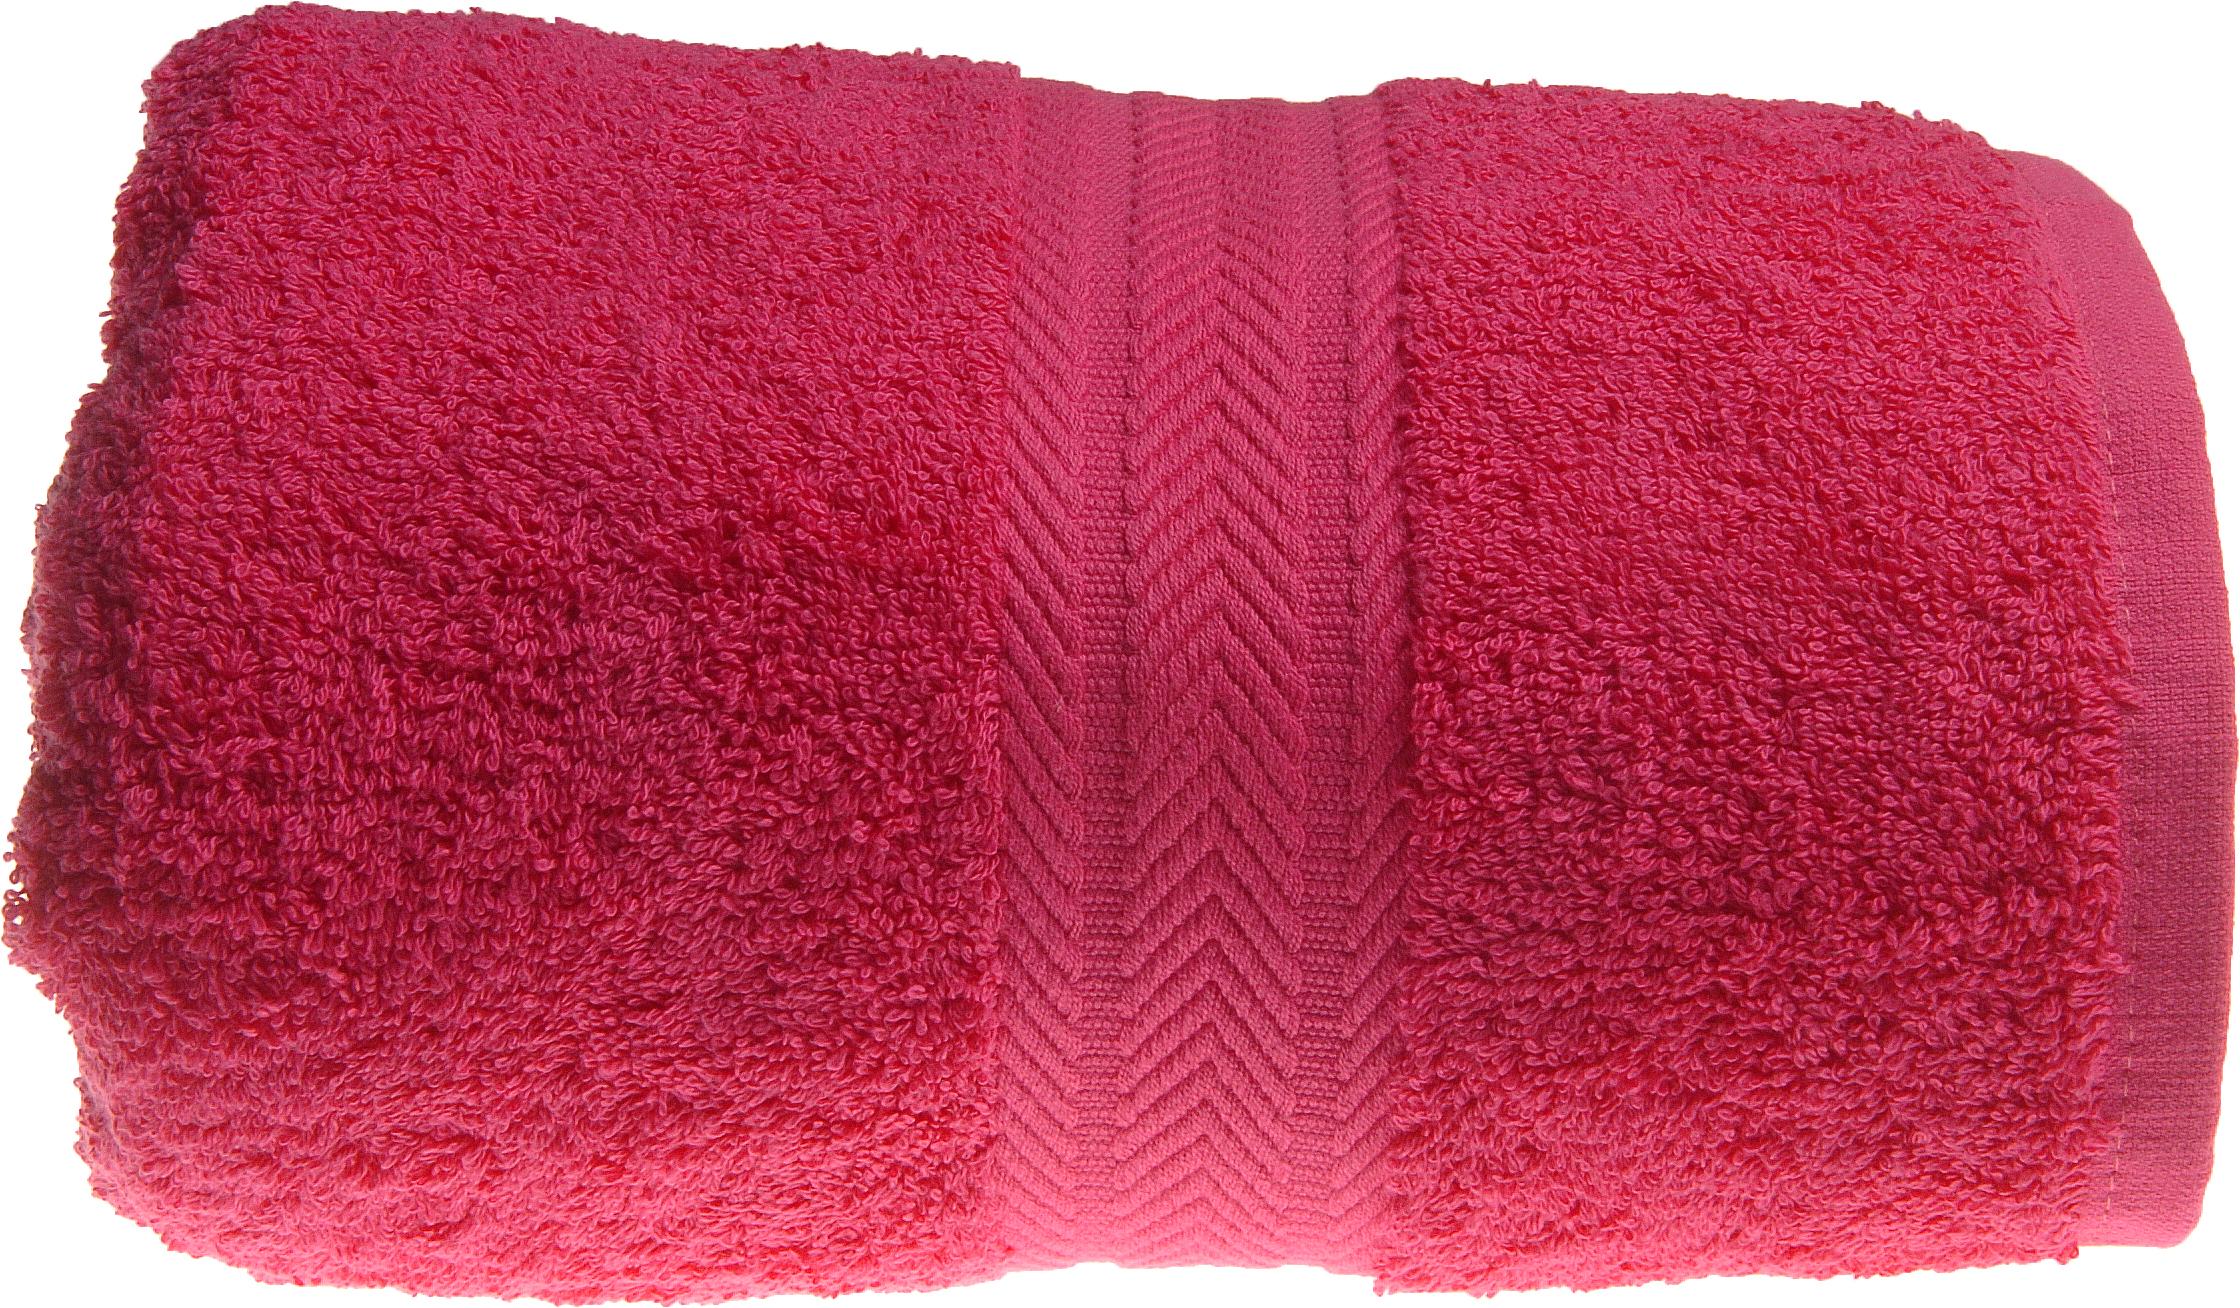 Serviette invitée 30 x 50 cm en Coton couleur Rose indien (Rose Indien)